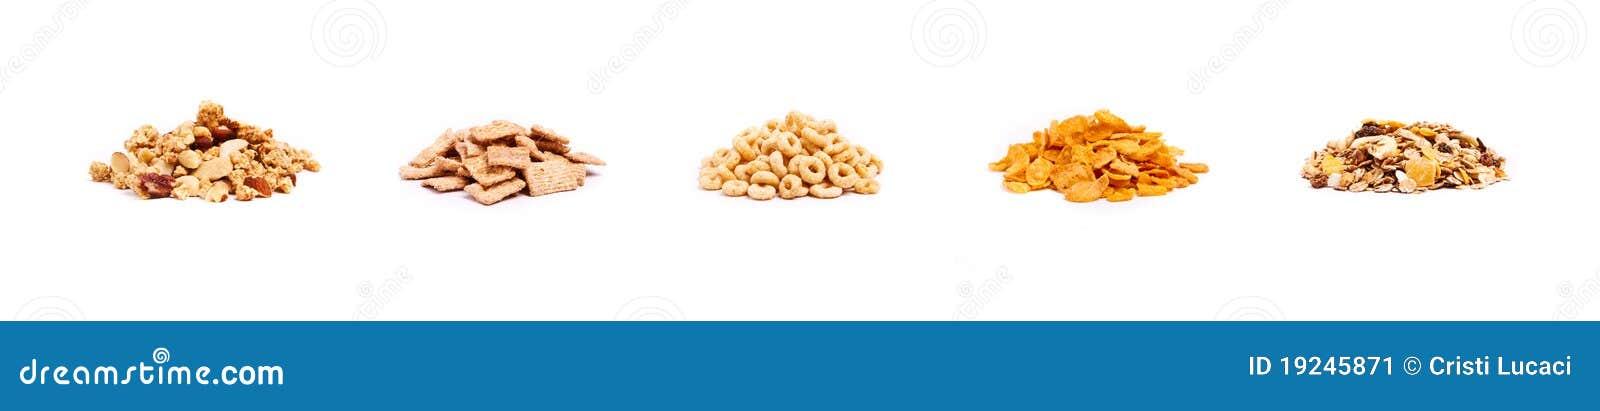 Fünf Typen Getreide